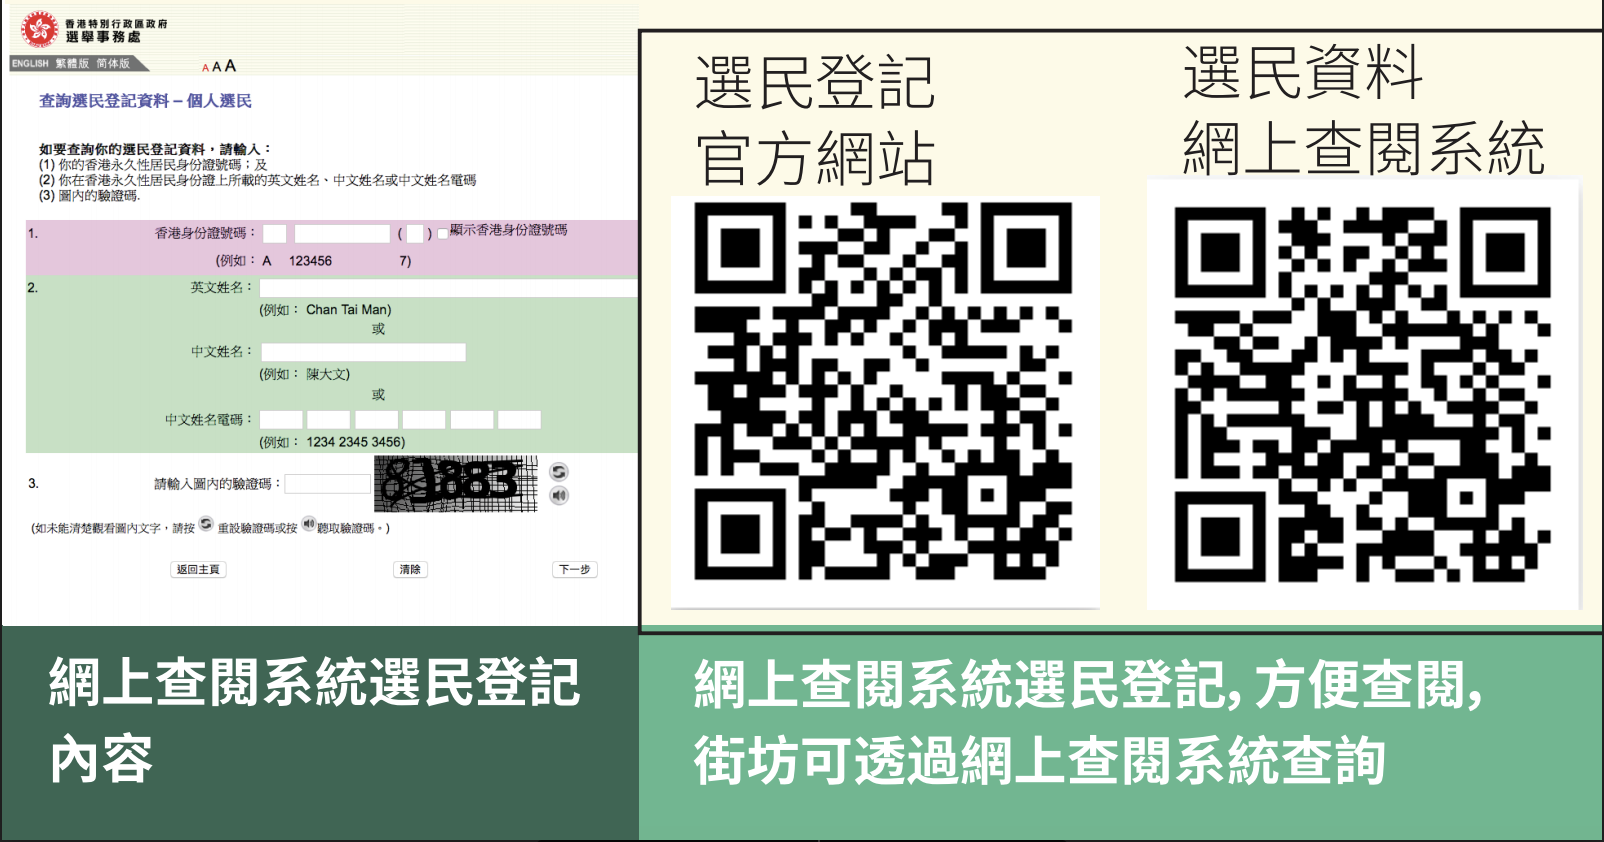 臨時選民登記冊 網上查詢教學/ 8月25日前截止上訴